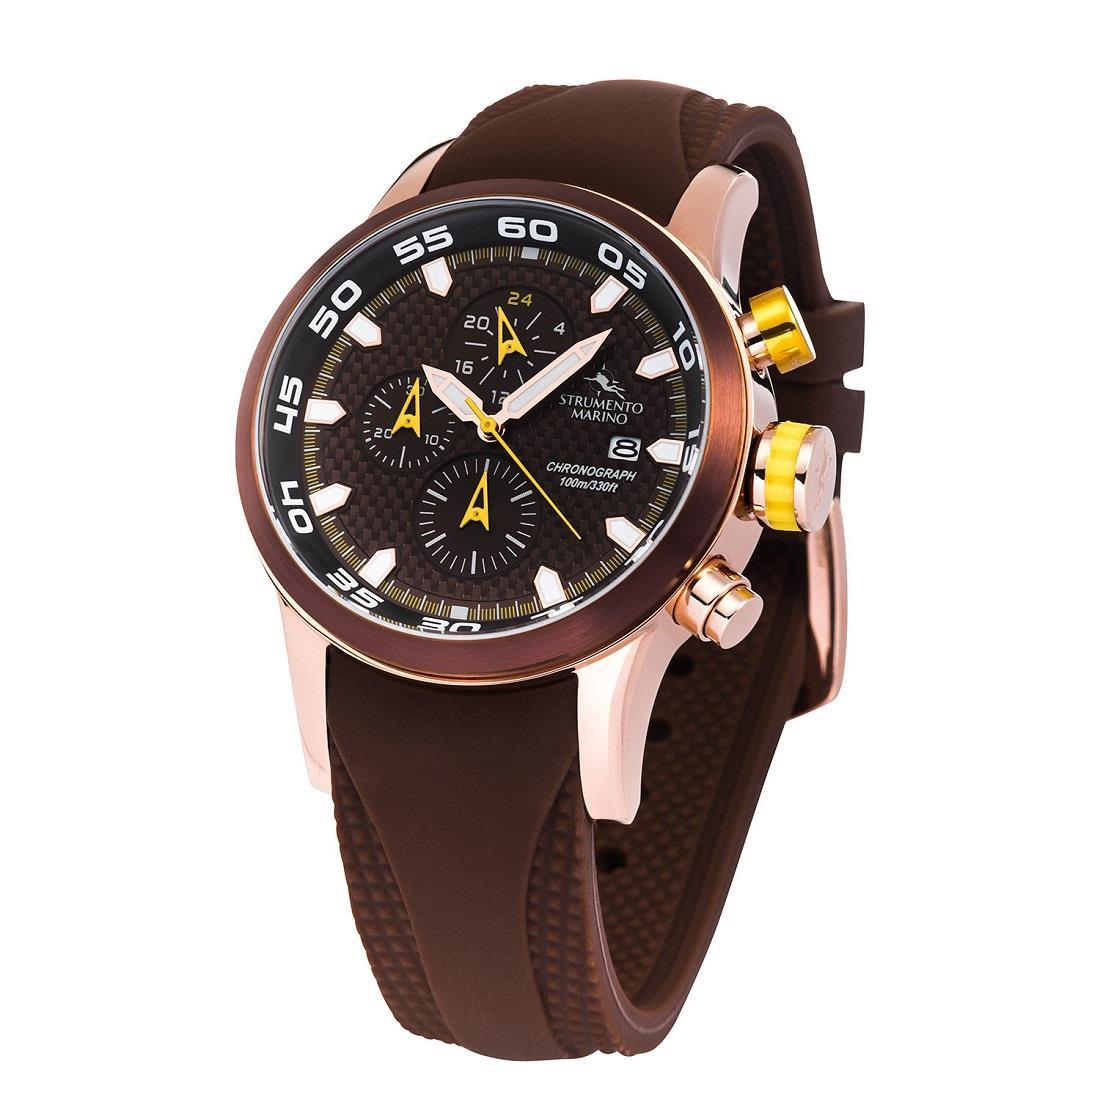 Reloj con caja de 46 mm - STRUMENTO MARINO